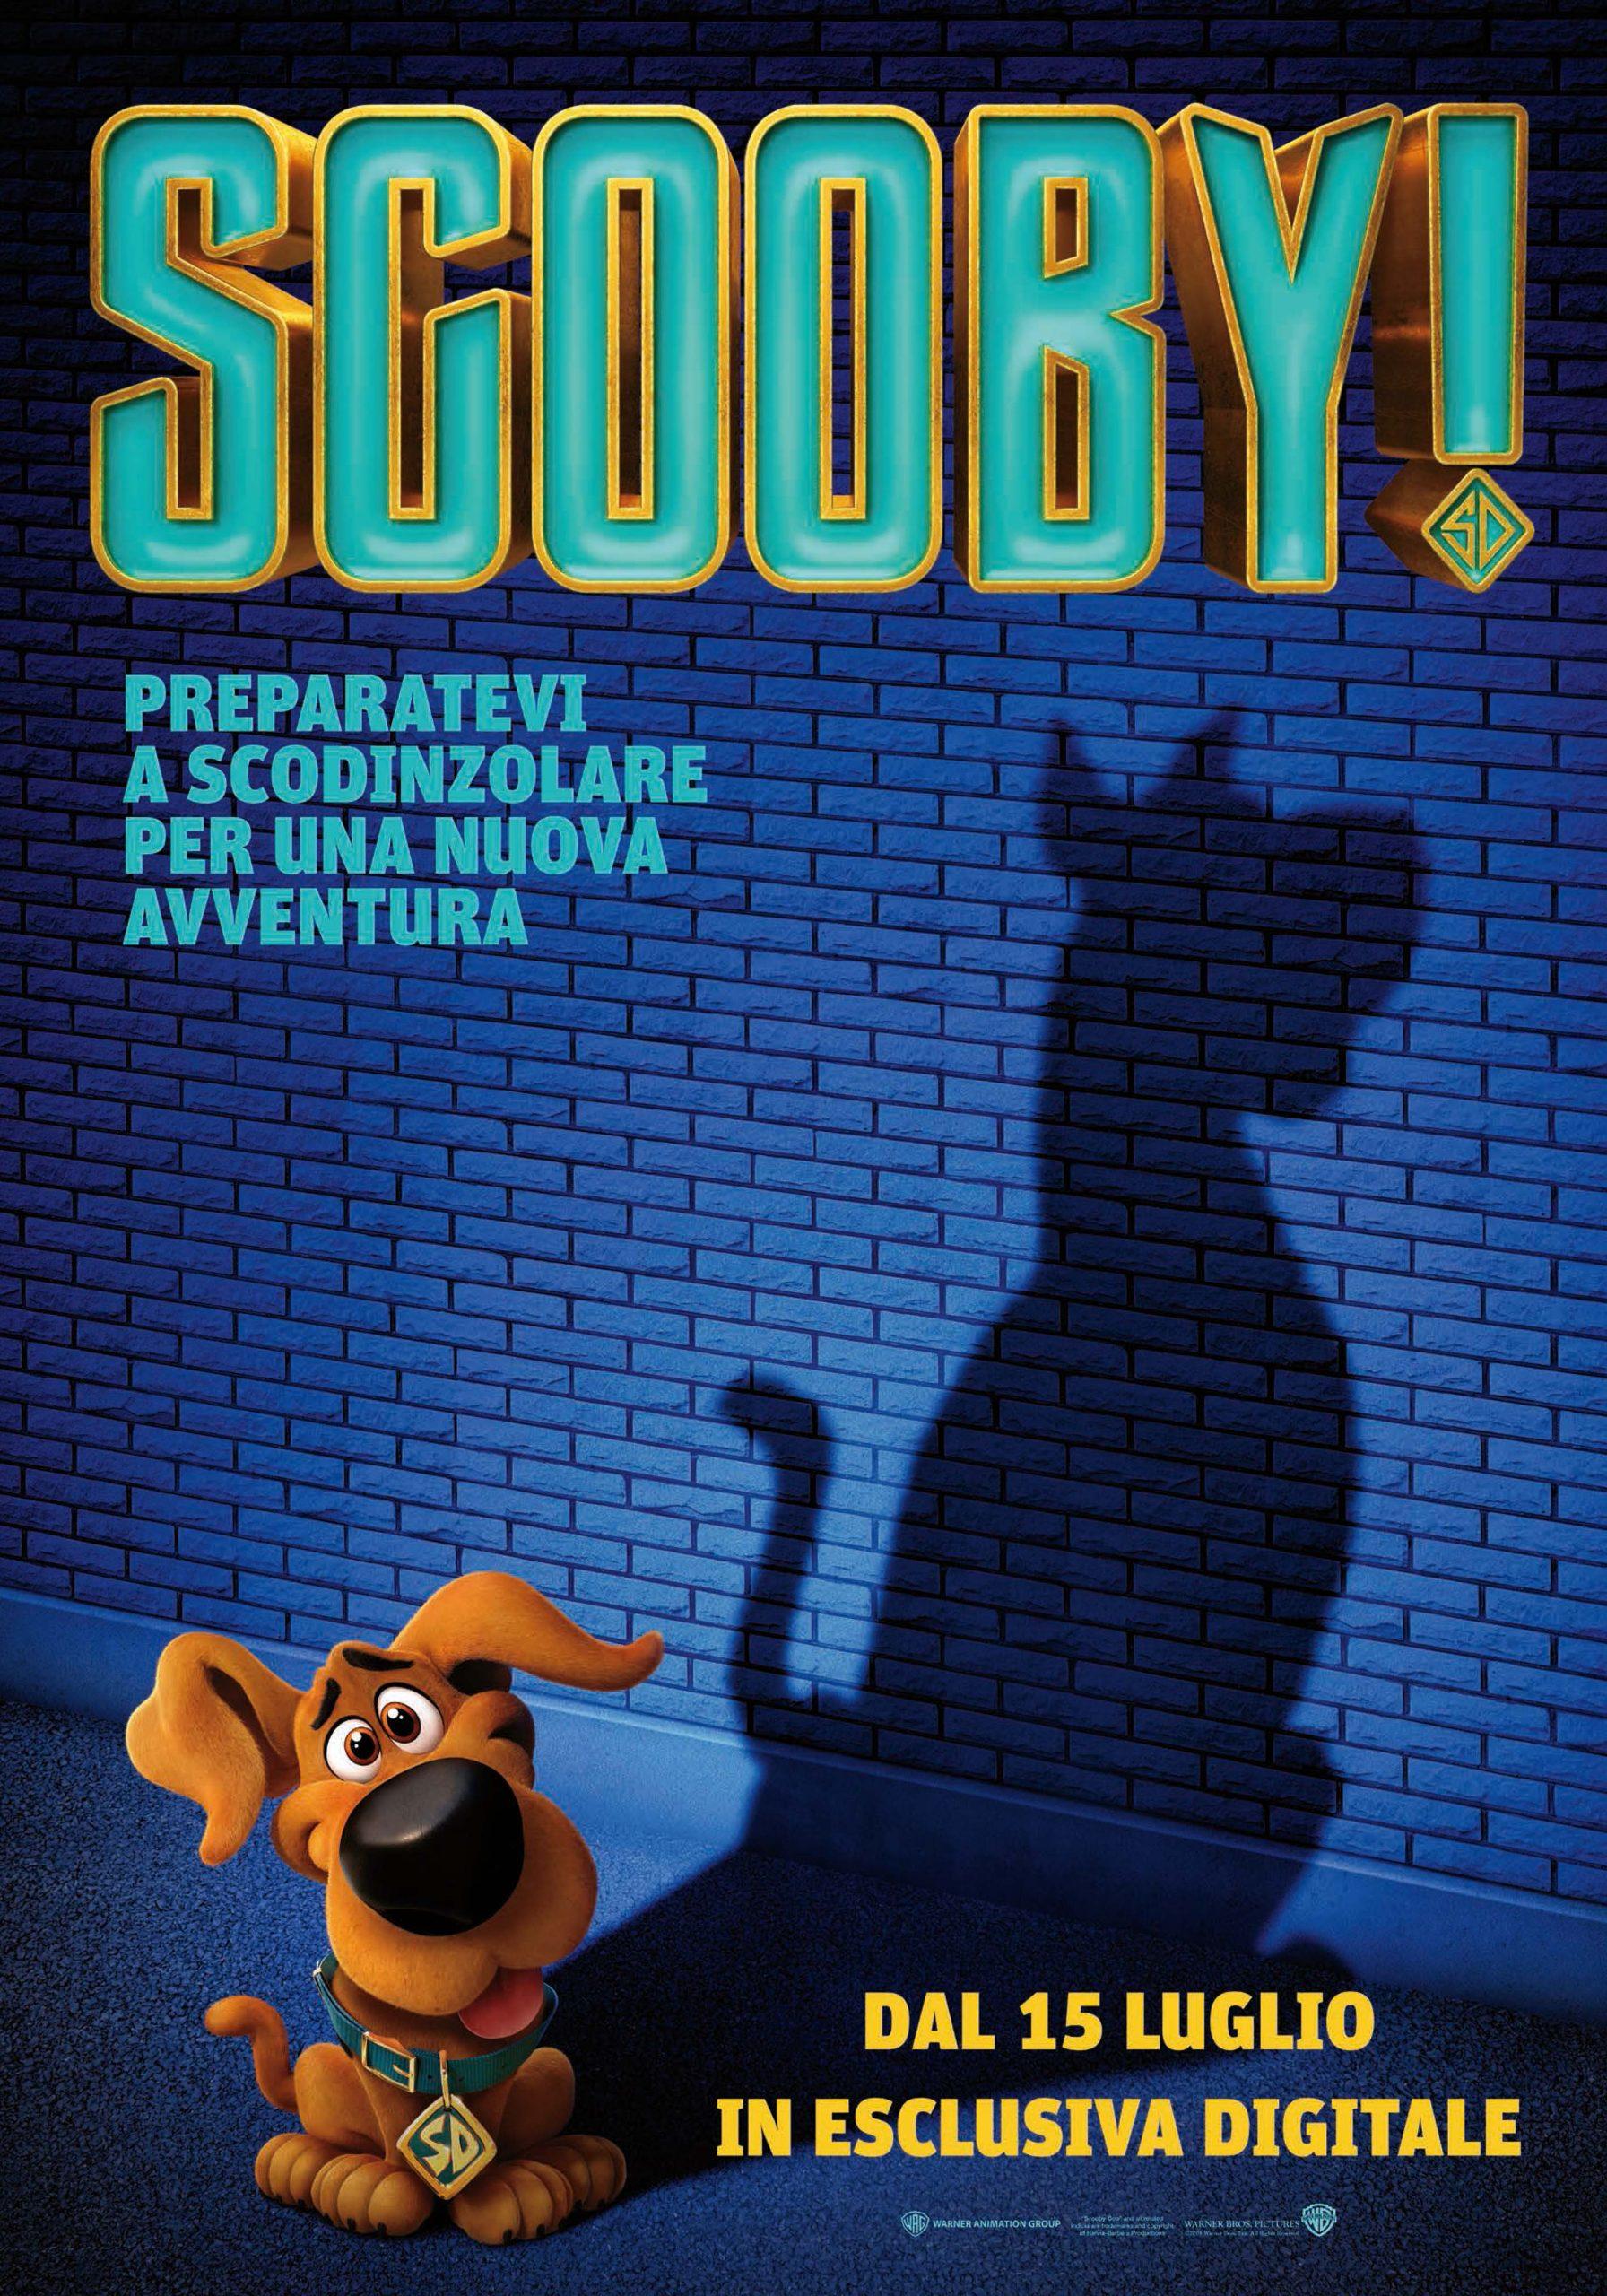 Locandina_28x40_Scooby_LR